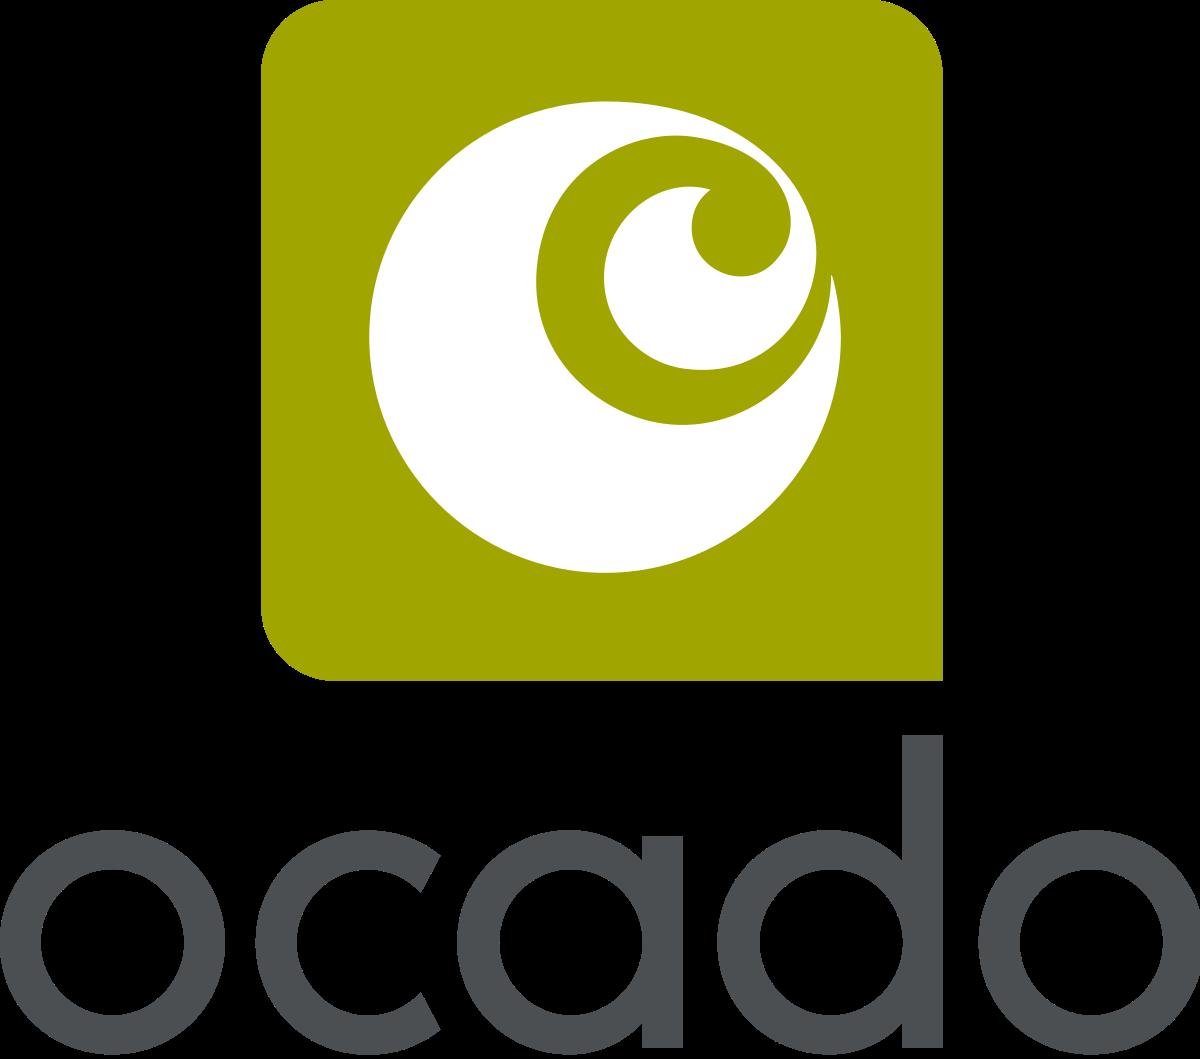 OCADO LTD